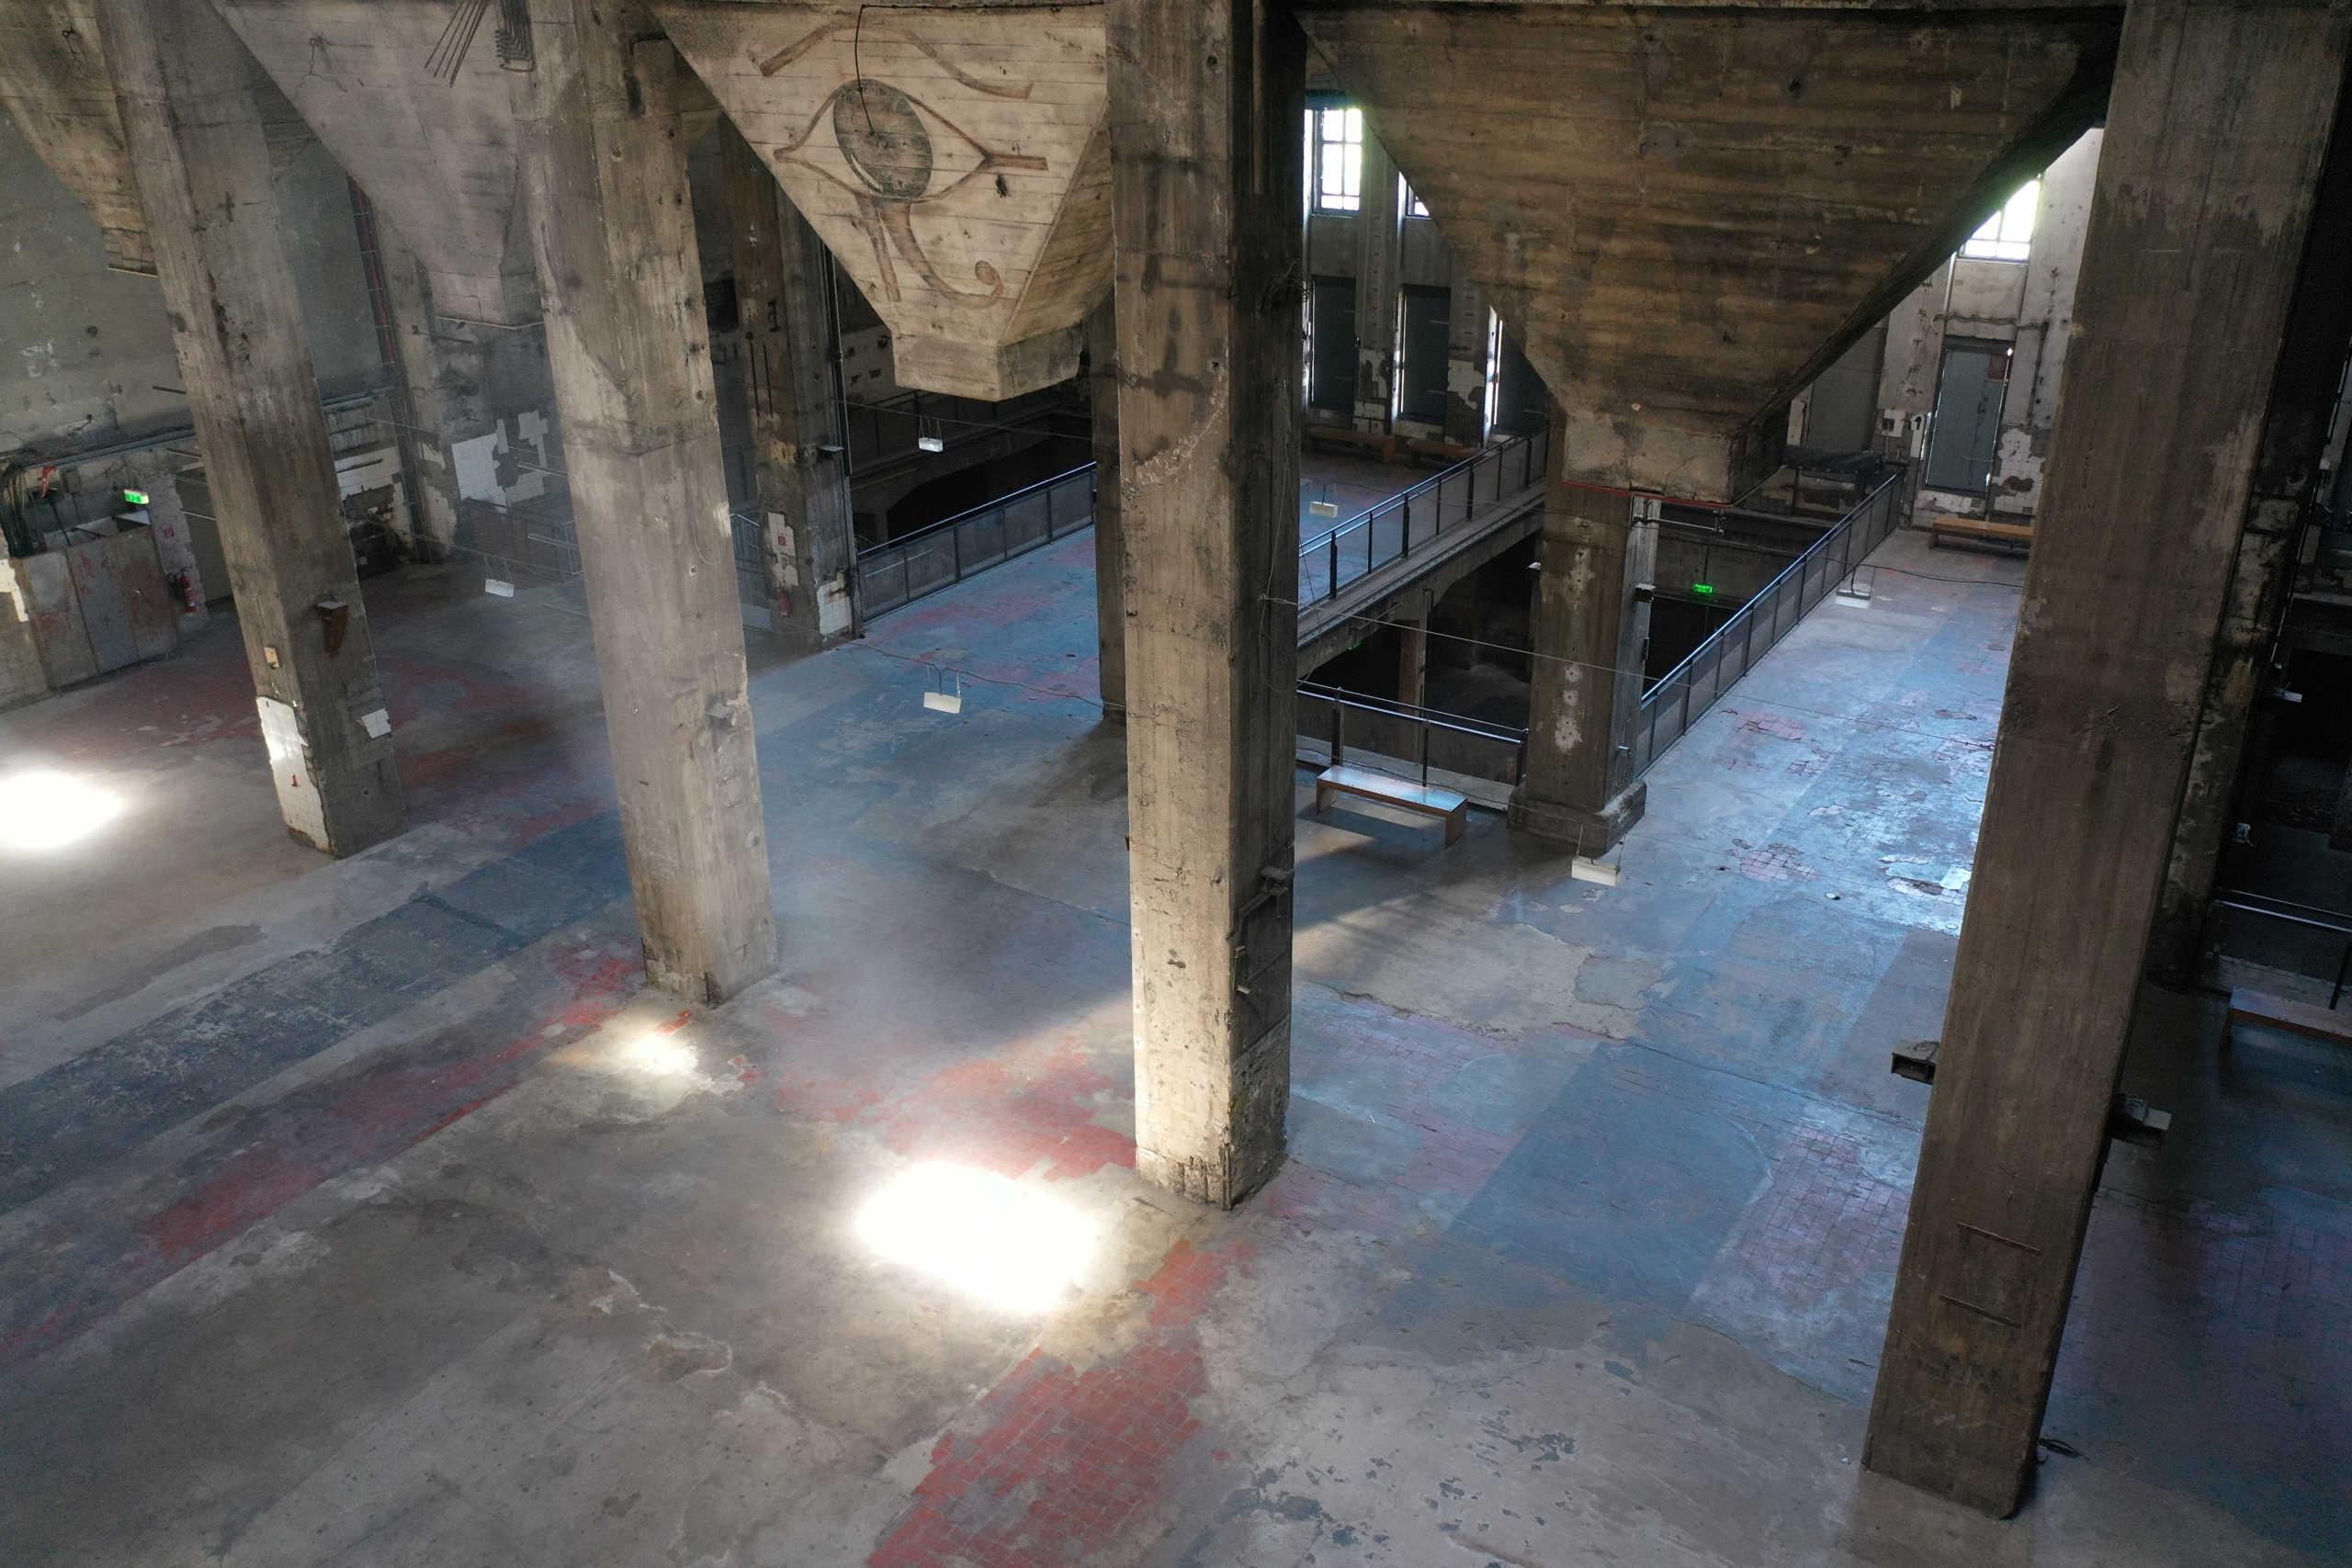 Αλλάζει τo κλαμπ Berghain στο Βερολίνο – Γίνεται γκαλερί τέχνης τον Σεπτέμβριο